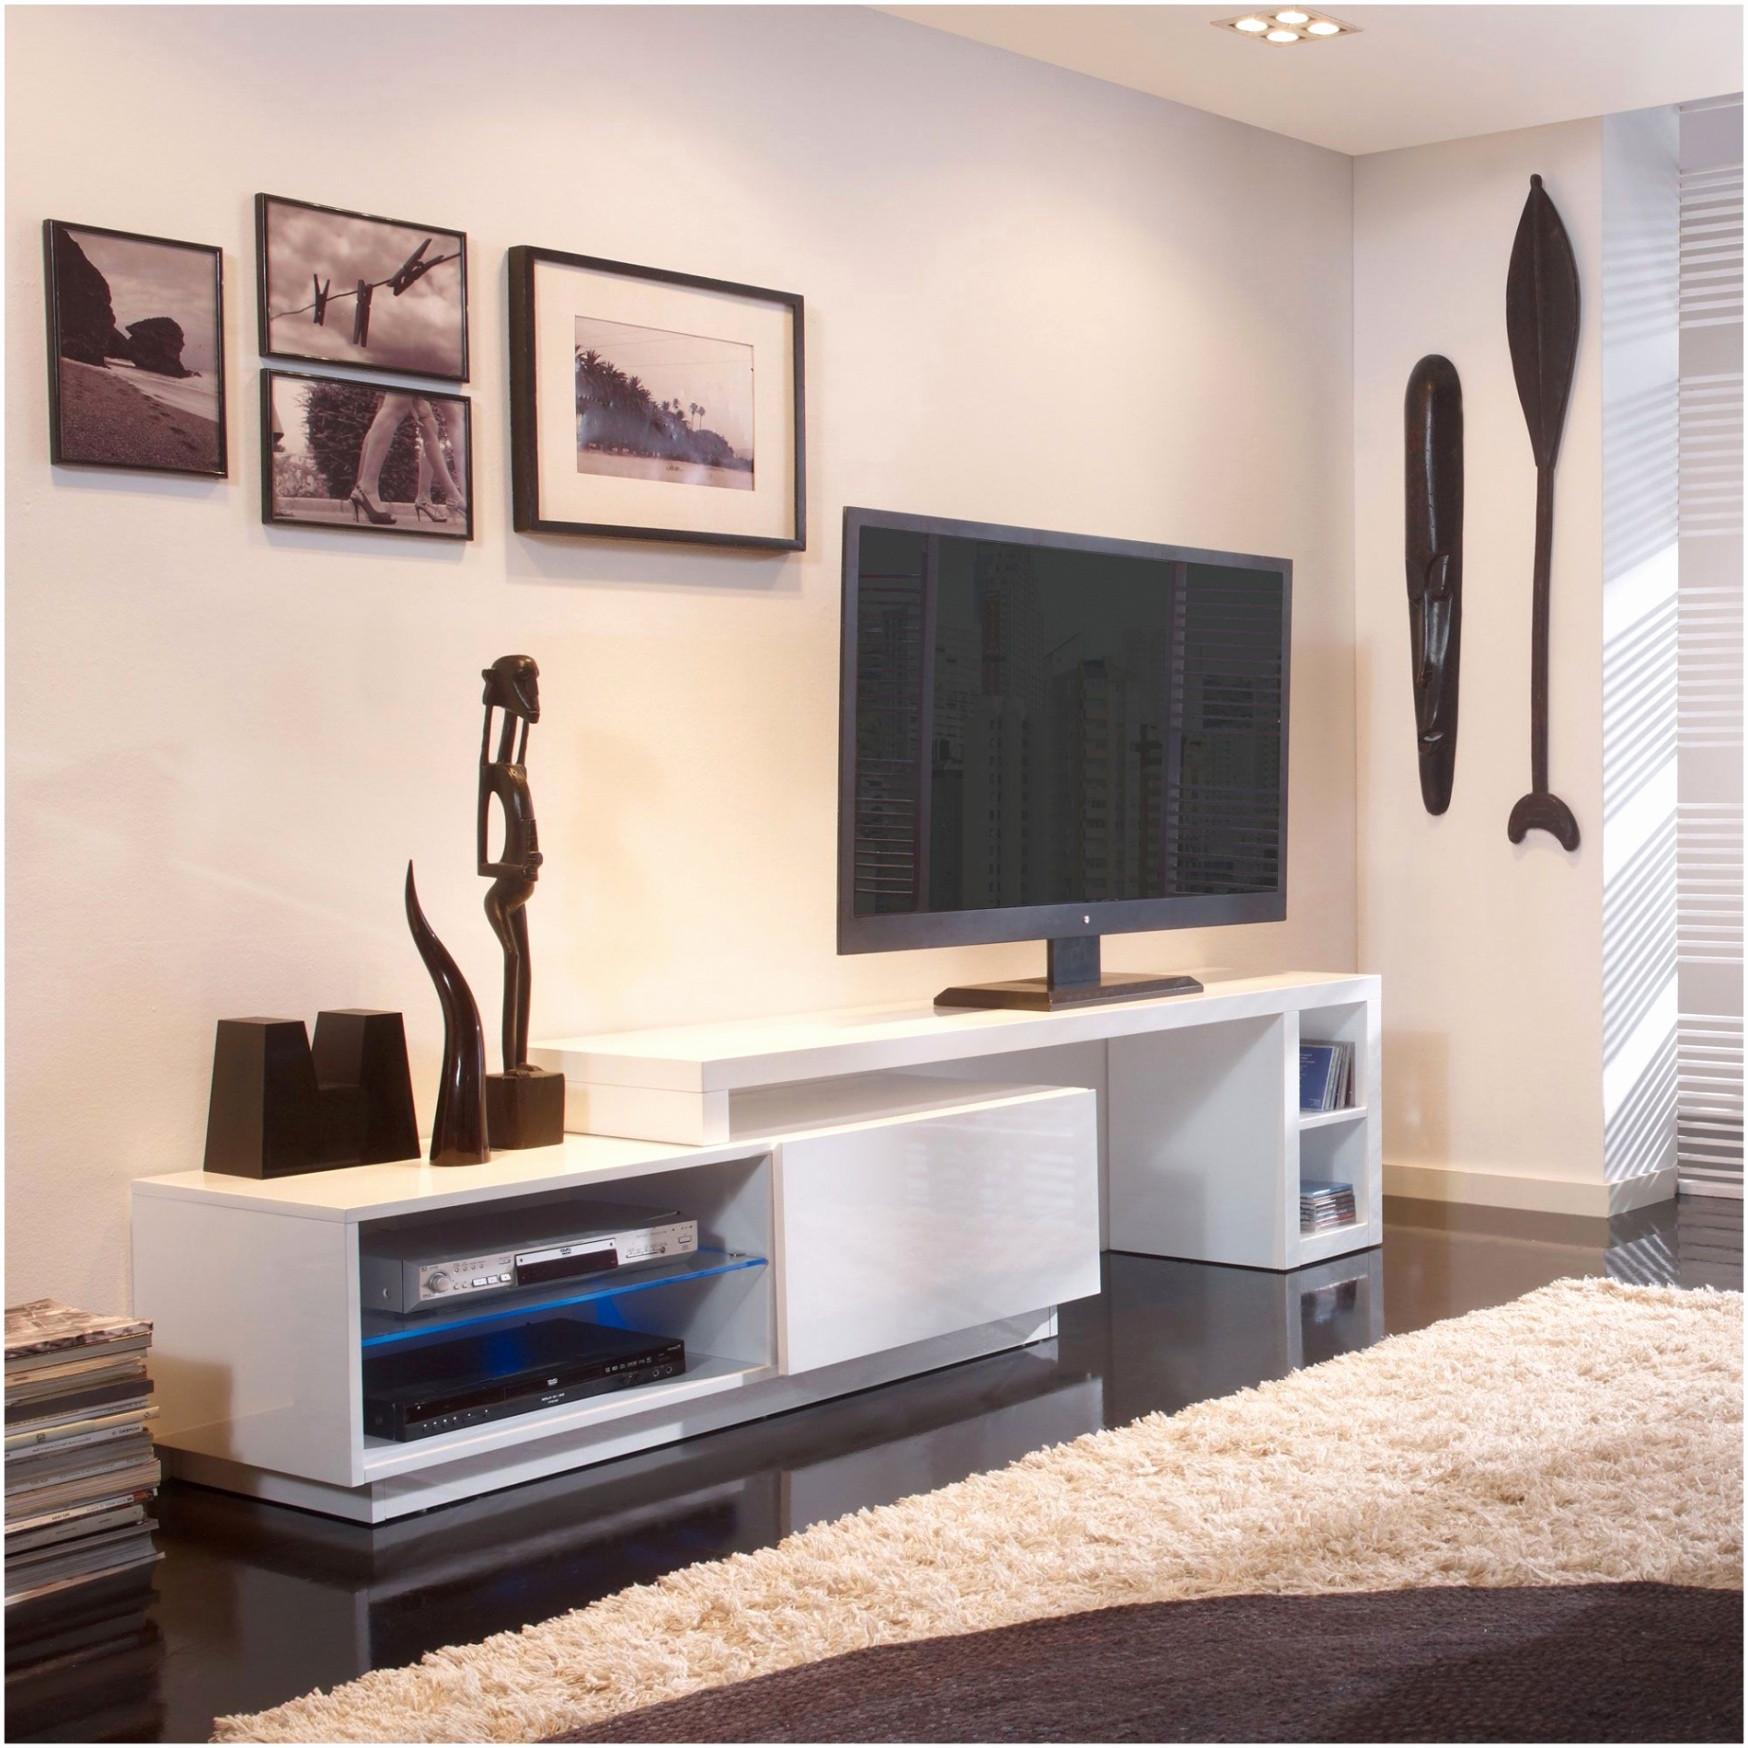 les aubaines meubles meubles le du luxe les aubaines meubles inspiration le of les aubaines meubles 1